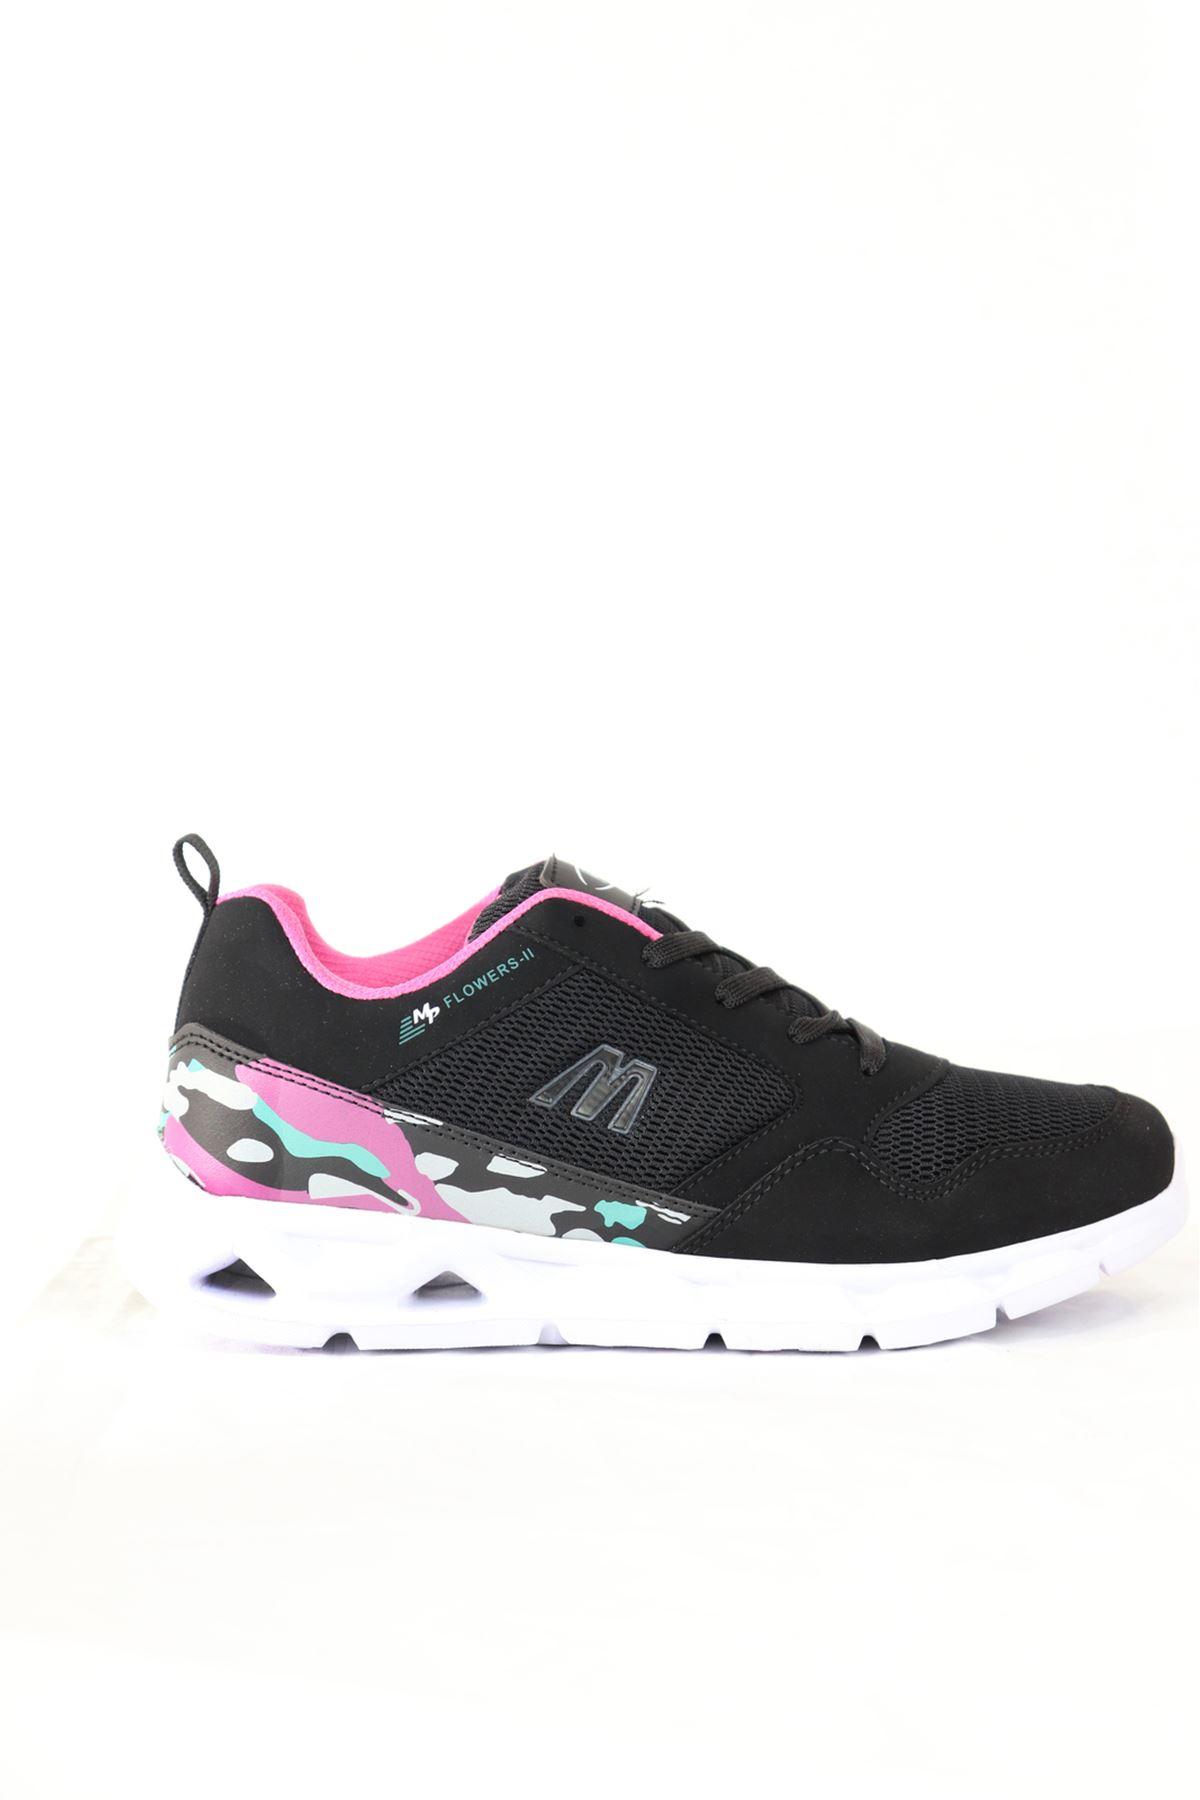 MP - 201 -7405ZN Siyah Kamuflaj Detaylı Kadın Spor Ayakkabısı